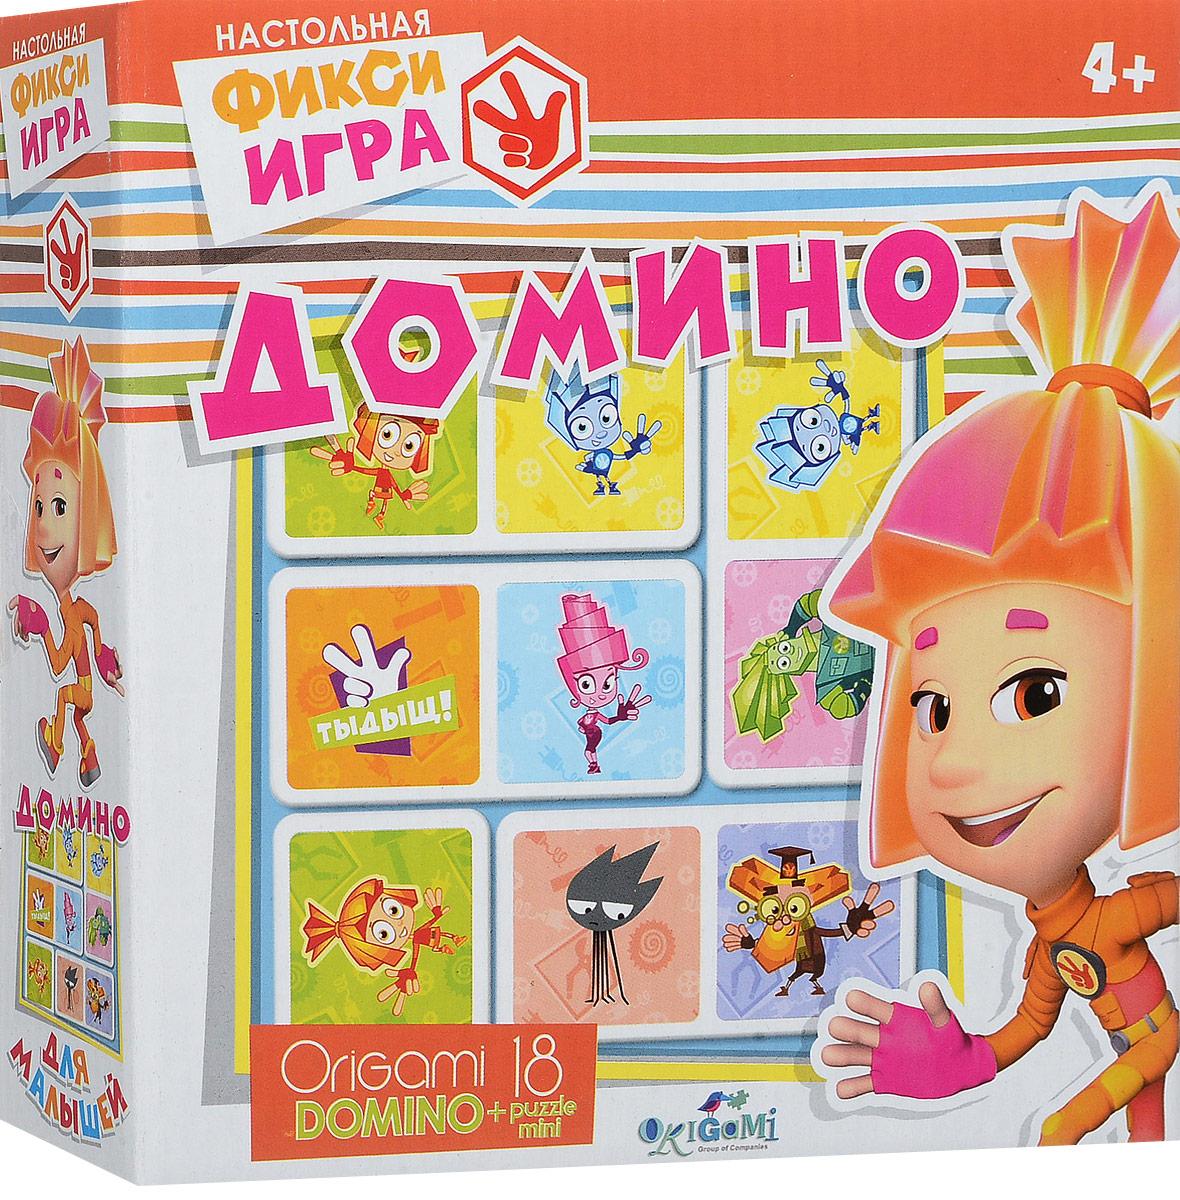 Фиксики Домино + пазл фиксики настольная игра поле пазл тыдыщь в подарок мини пазл 20 элементов фиксики